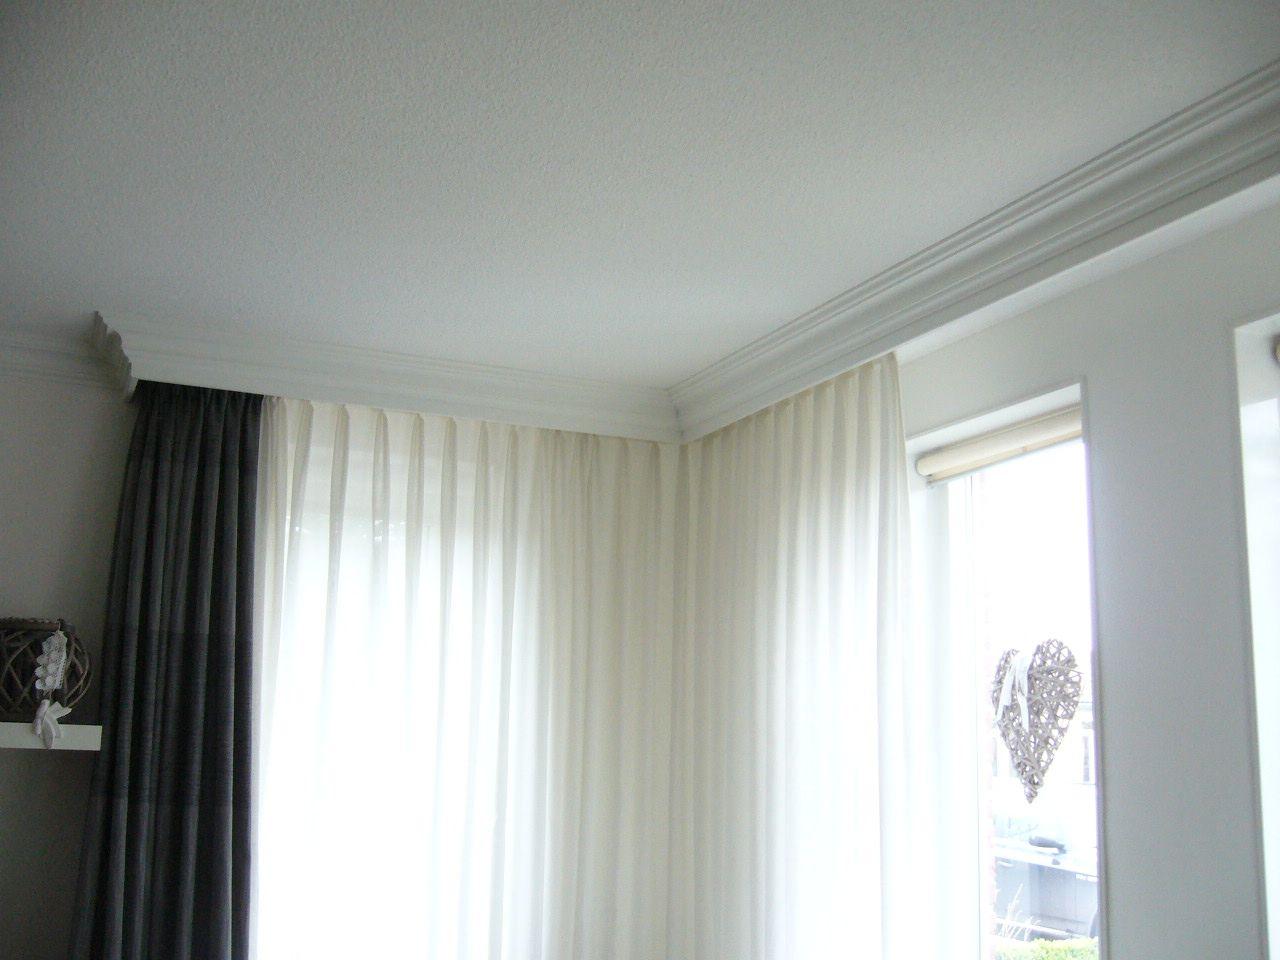 Brede plafondplint als koof voor gordijnen langs | Ideeën voor het ...